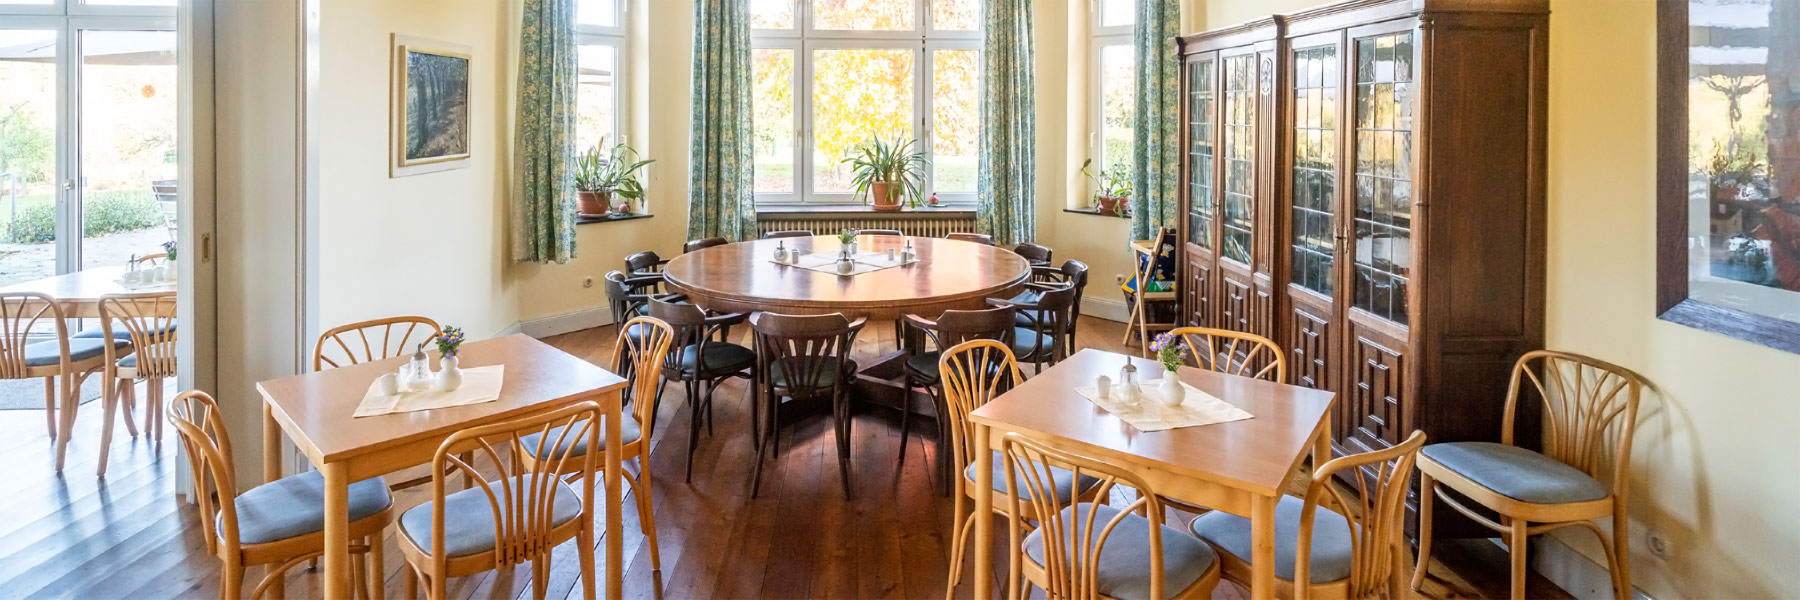 Frühstücksraum - Gutshaus Barkow